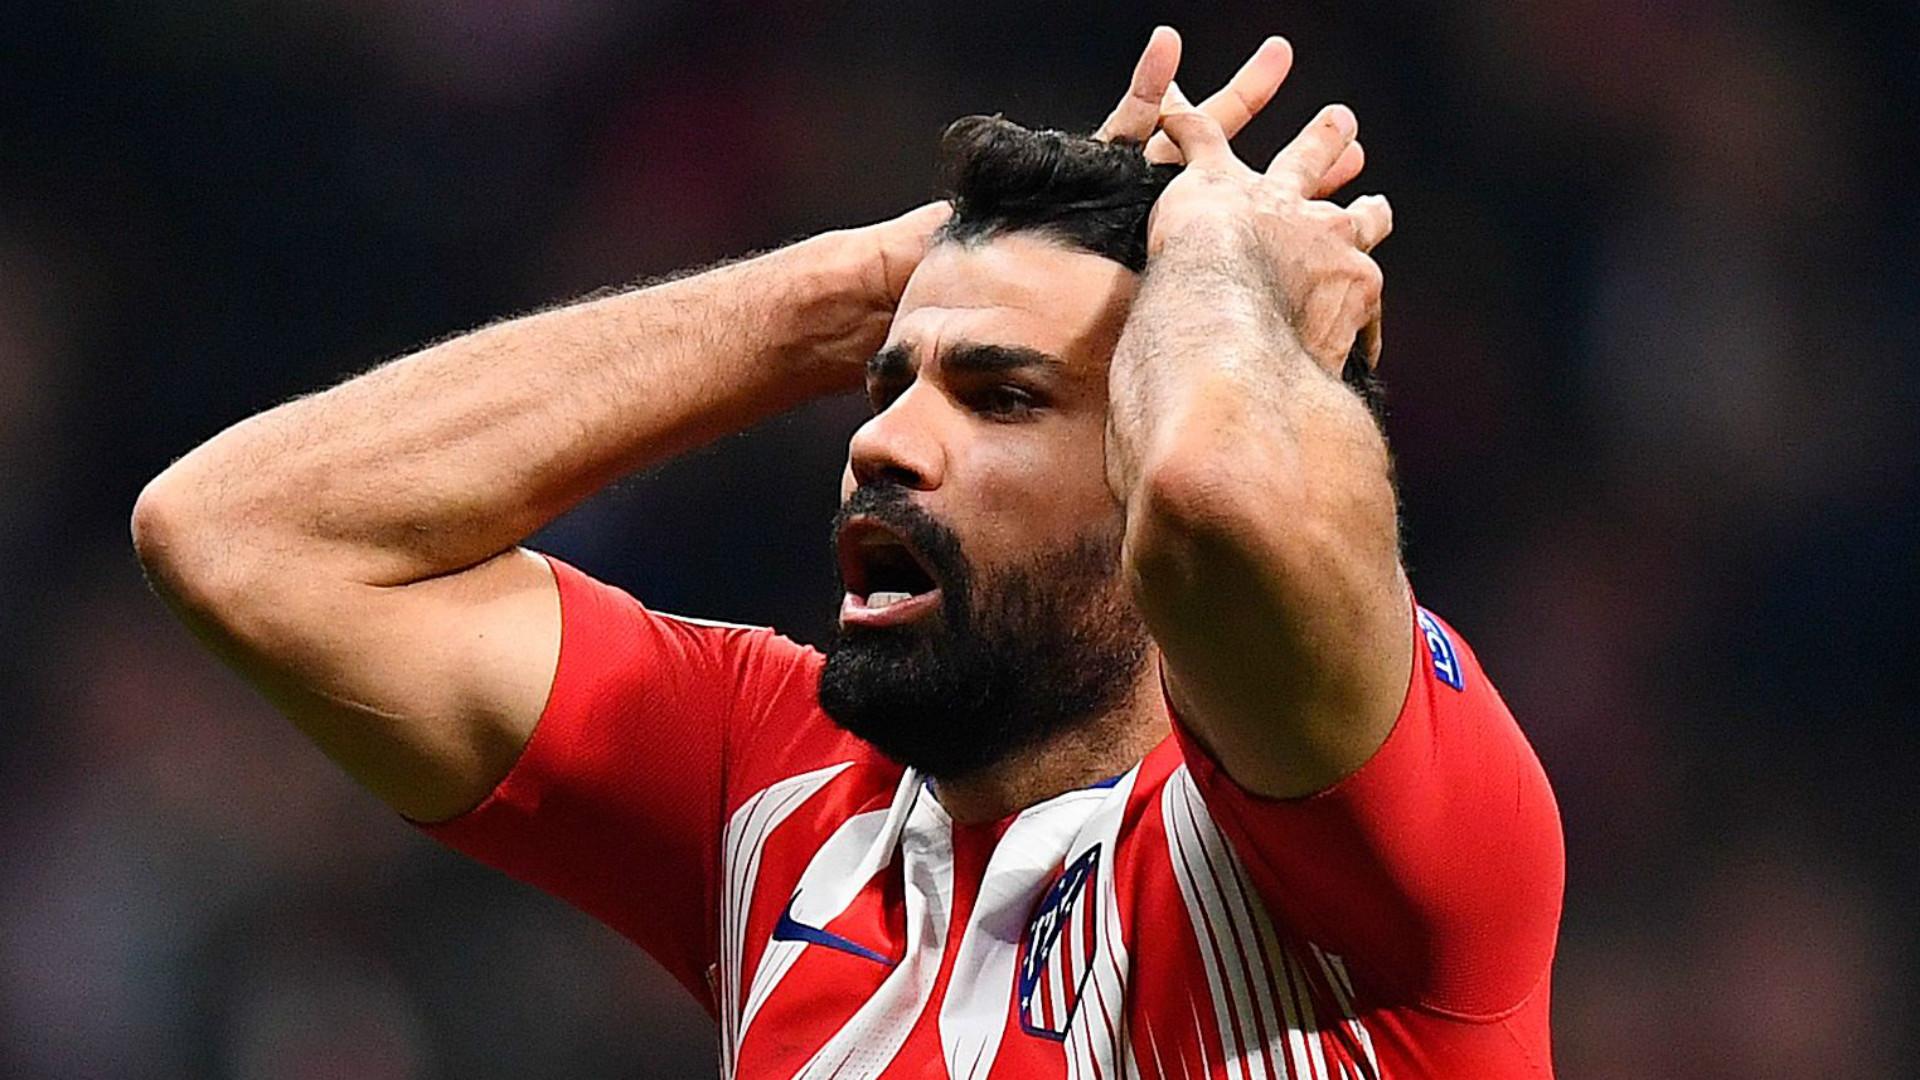 沙巴体育 反复无常的前锋迭戈・科斯塔即将离开马德里竞技